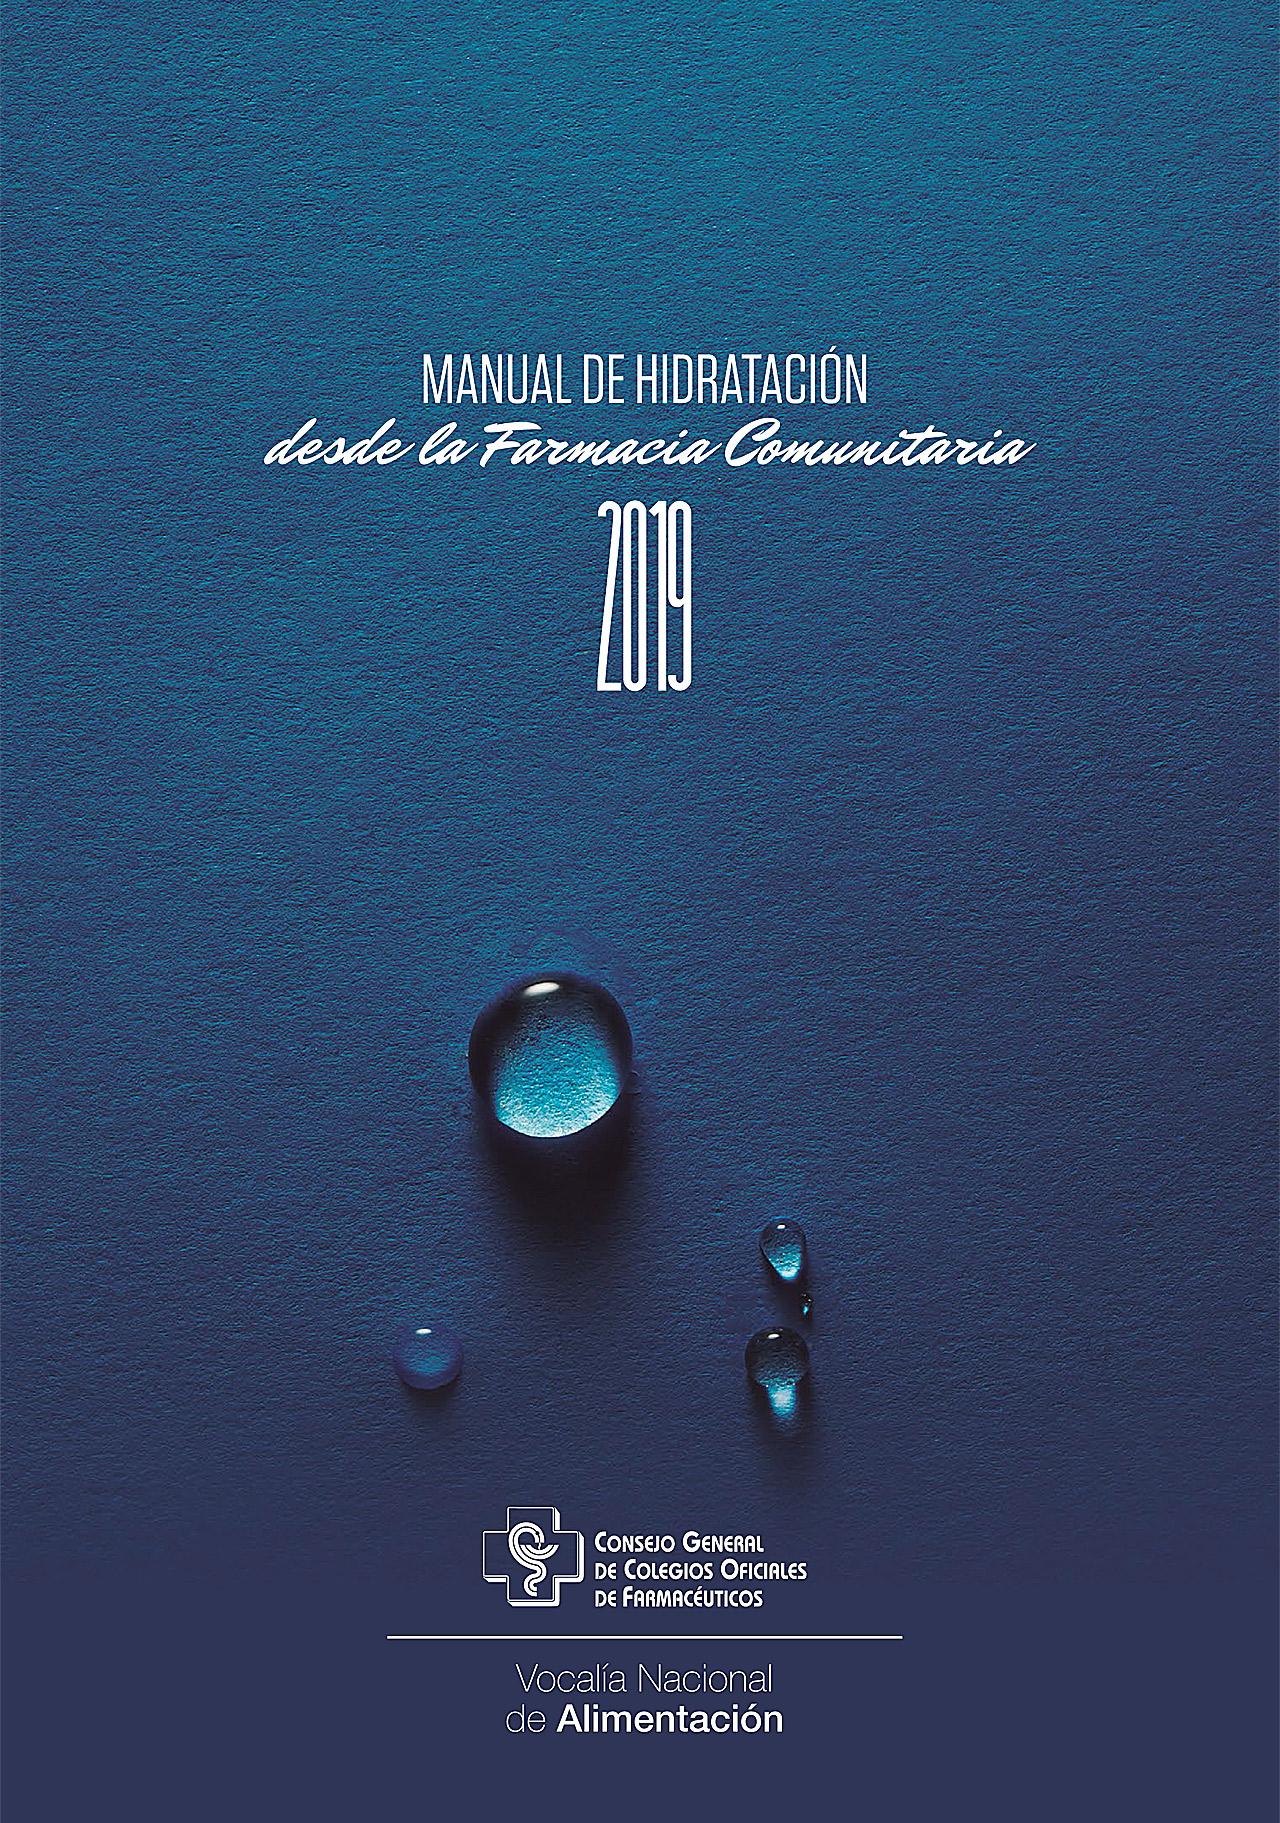 Manual de hidratación del Consejo General de COF.